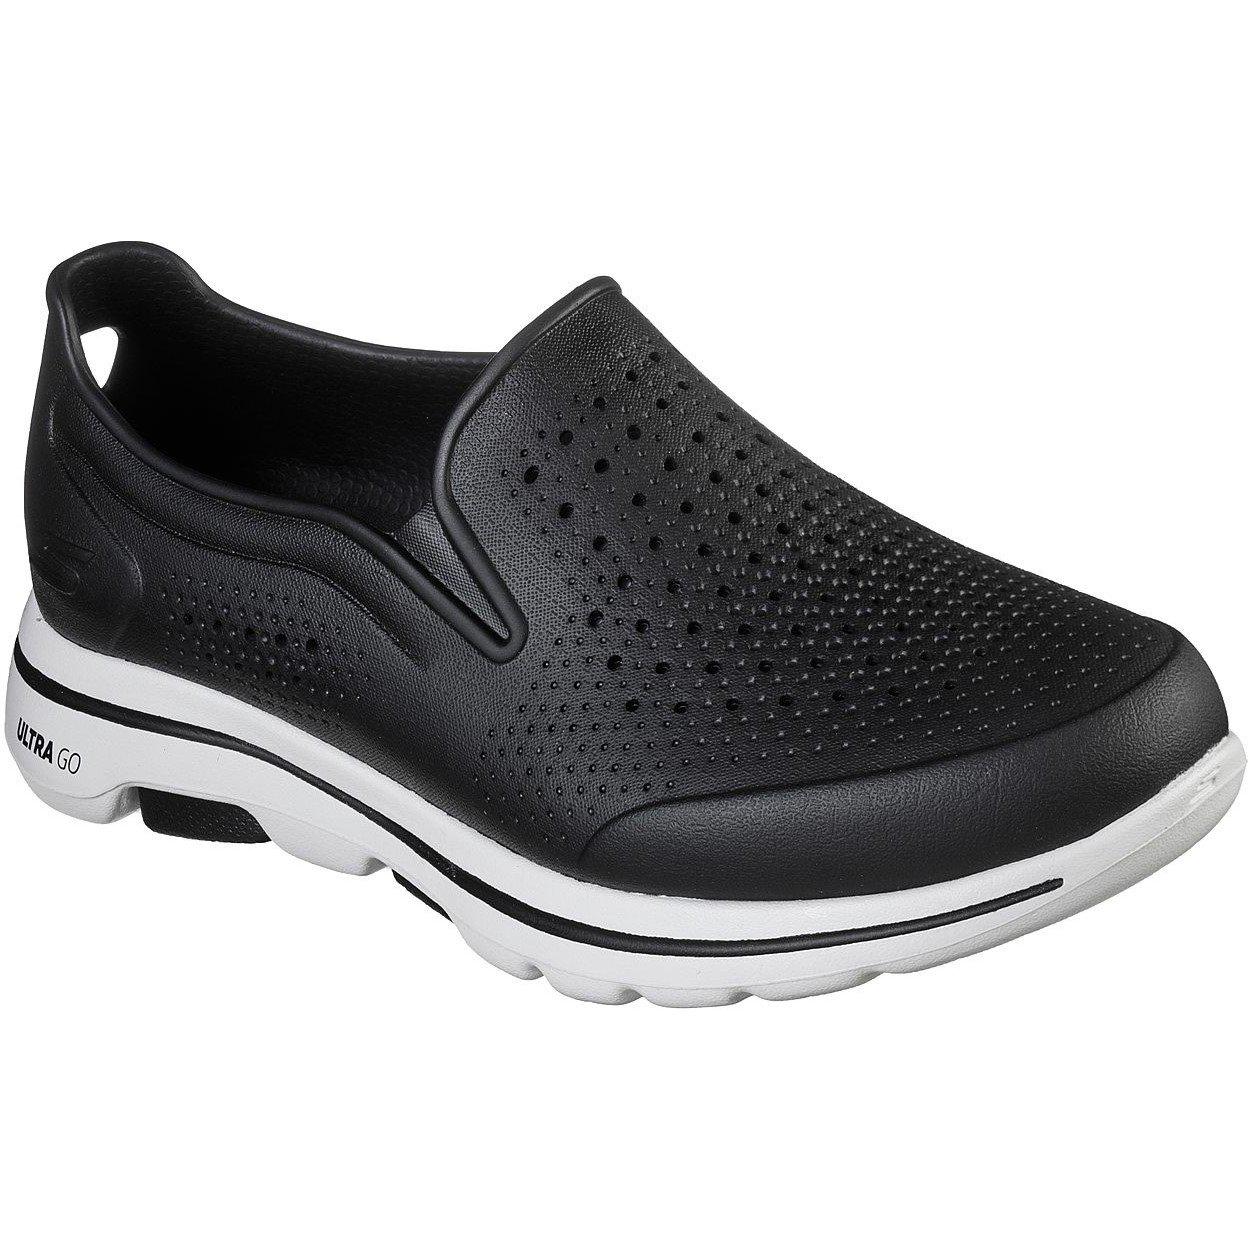 Skechers Men's Go Walk 5 Easy Going Slip On Trainer Multicolor 32391 - Black/White 7